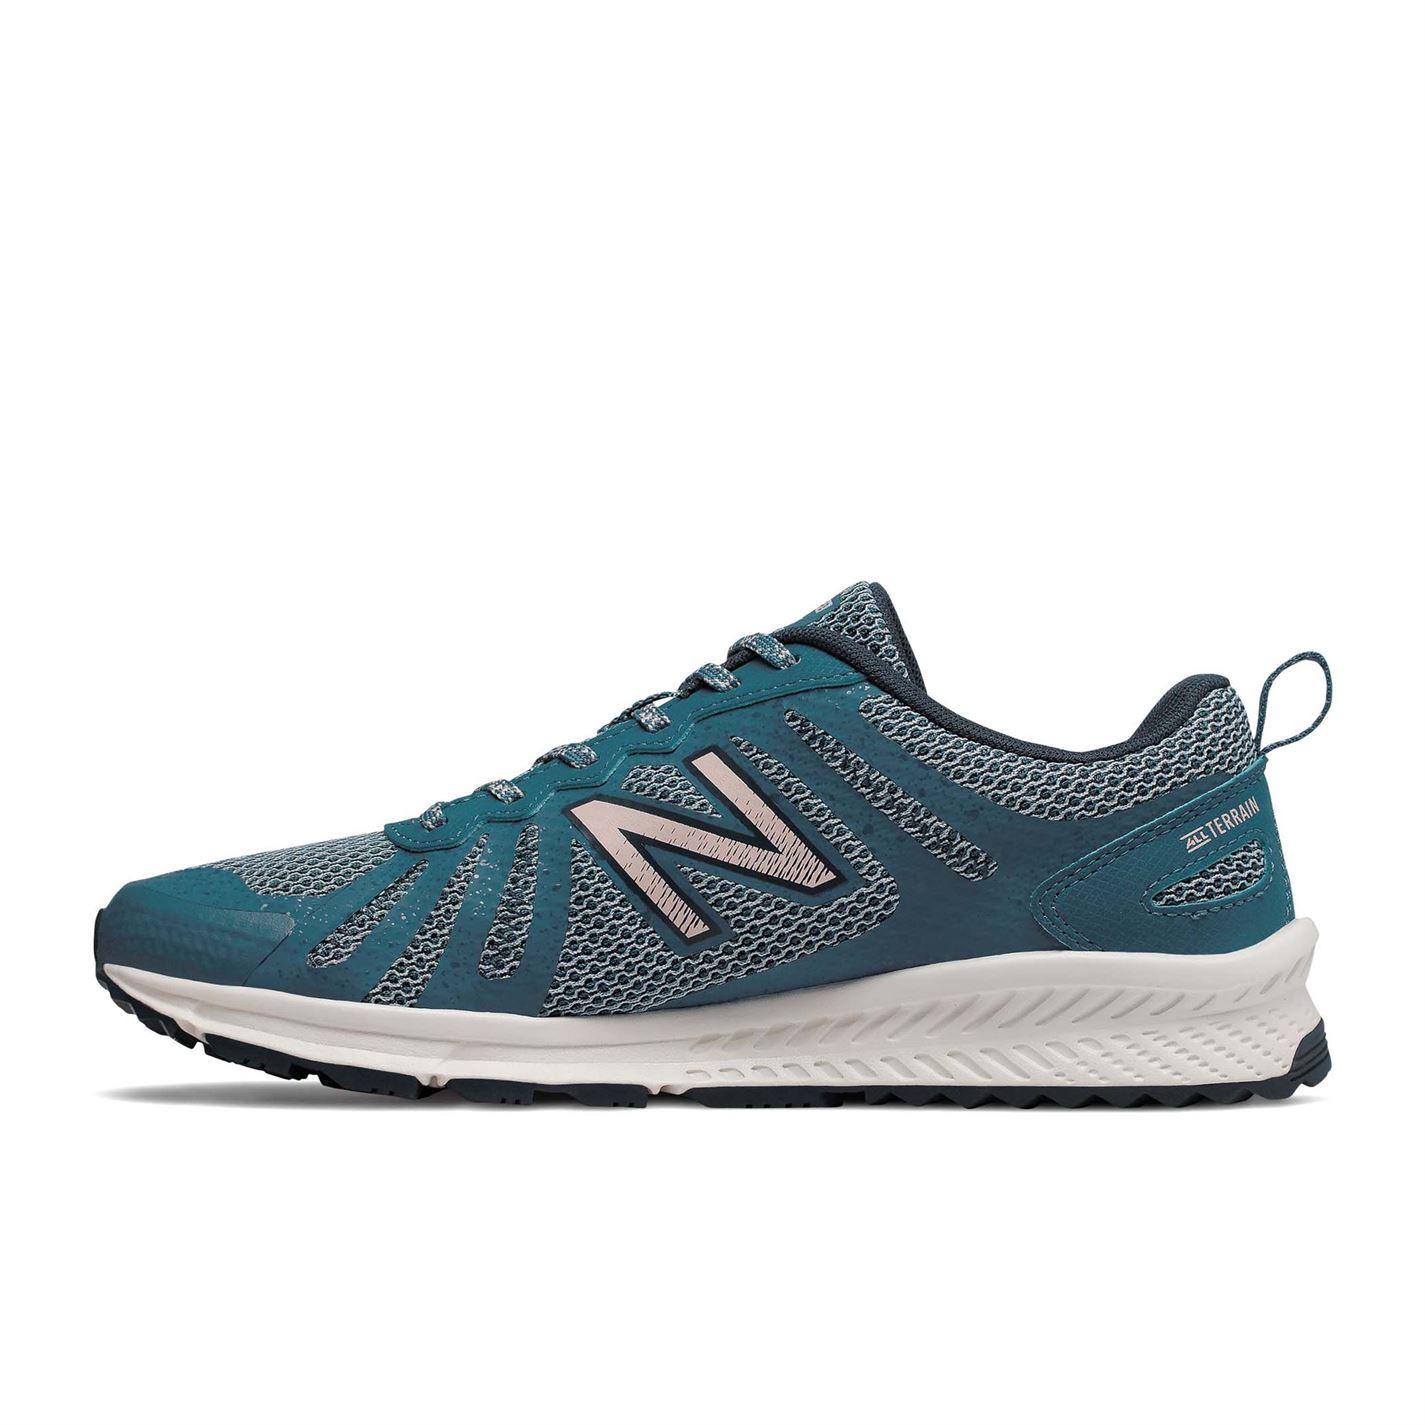 new balance 590v4 trail zapatillas de